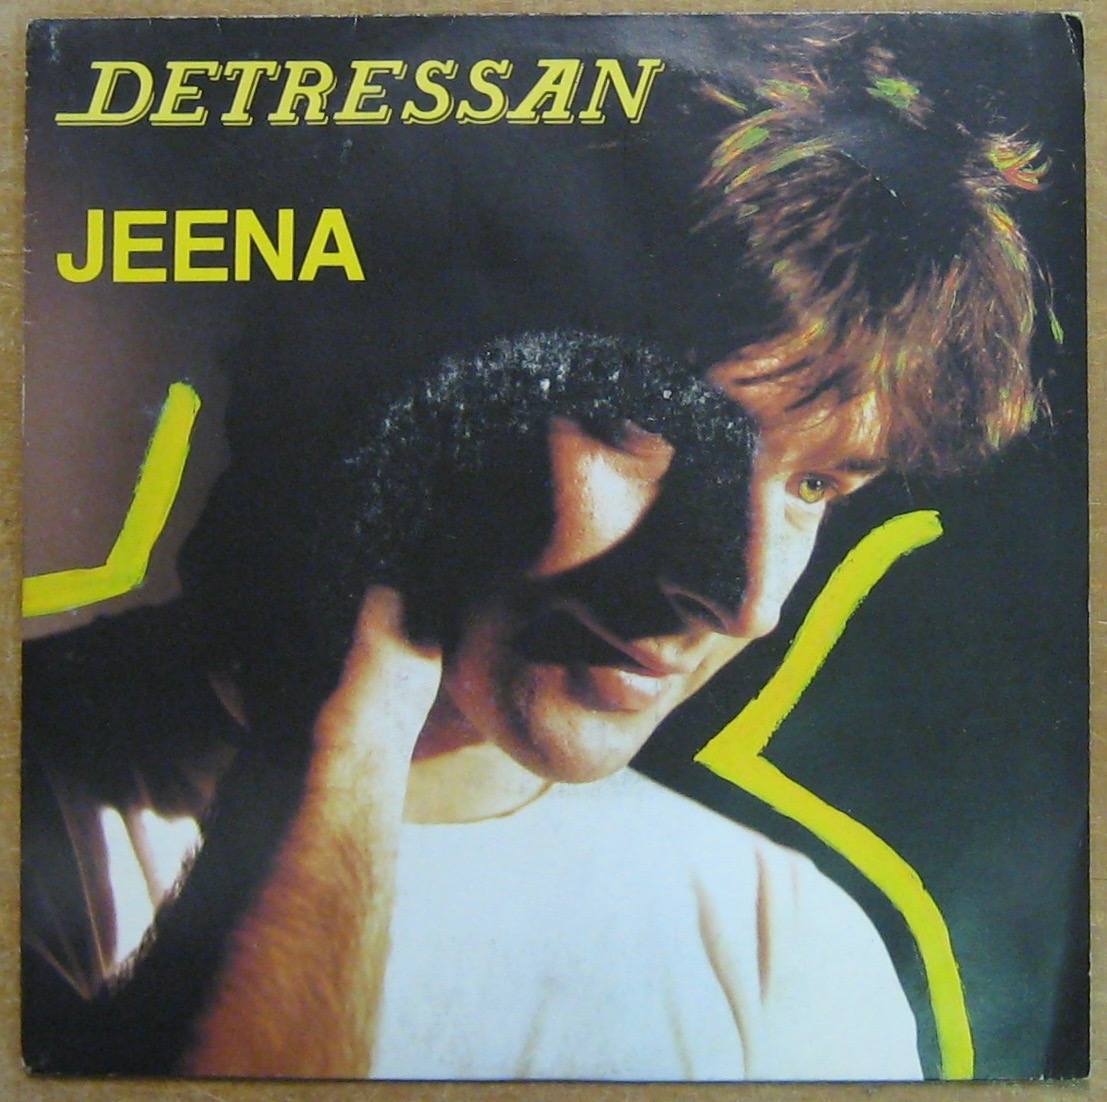 DETRESSAN - Jeena - 45T (SP 2 titres)